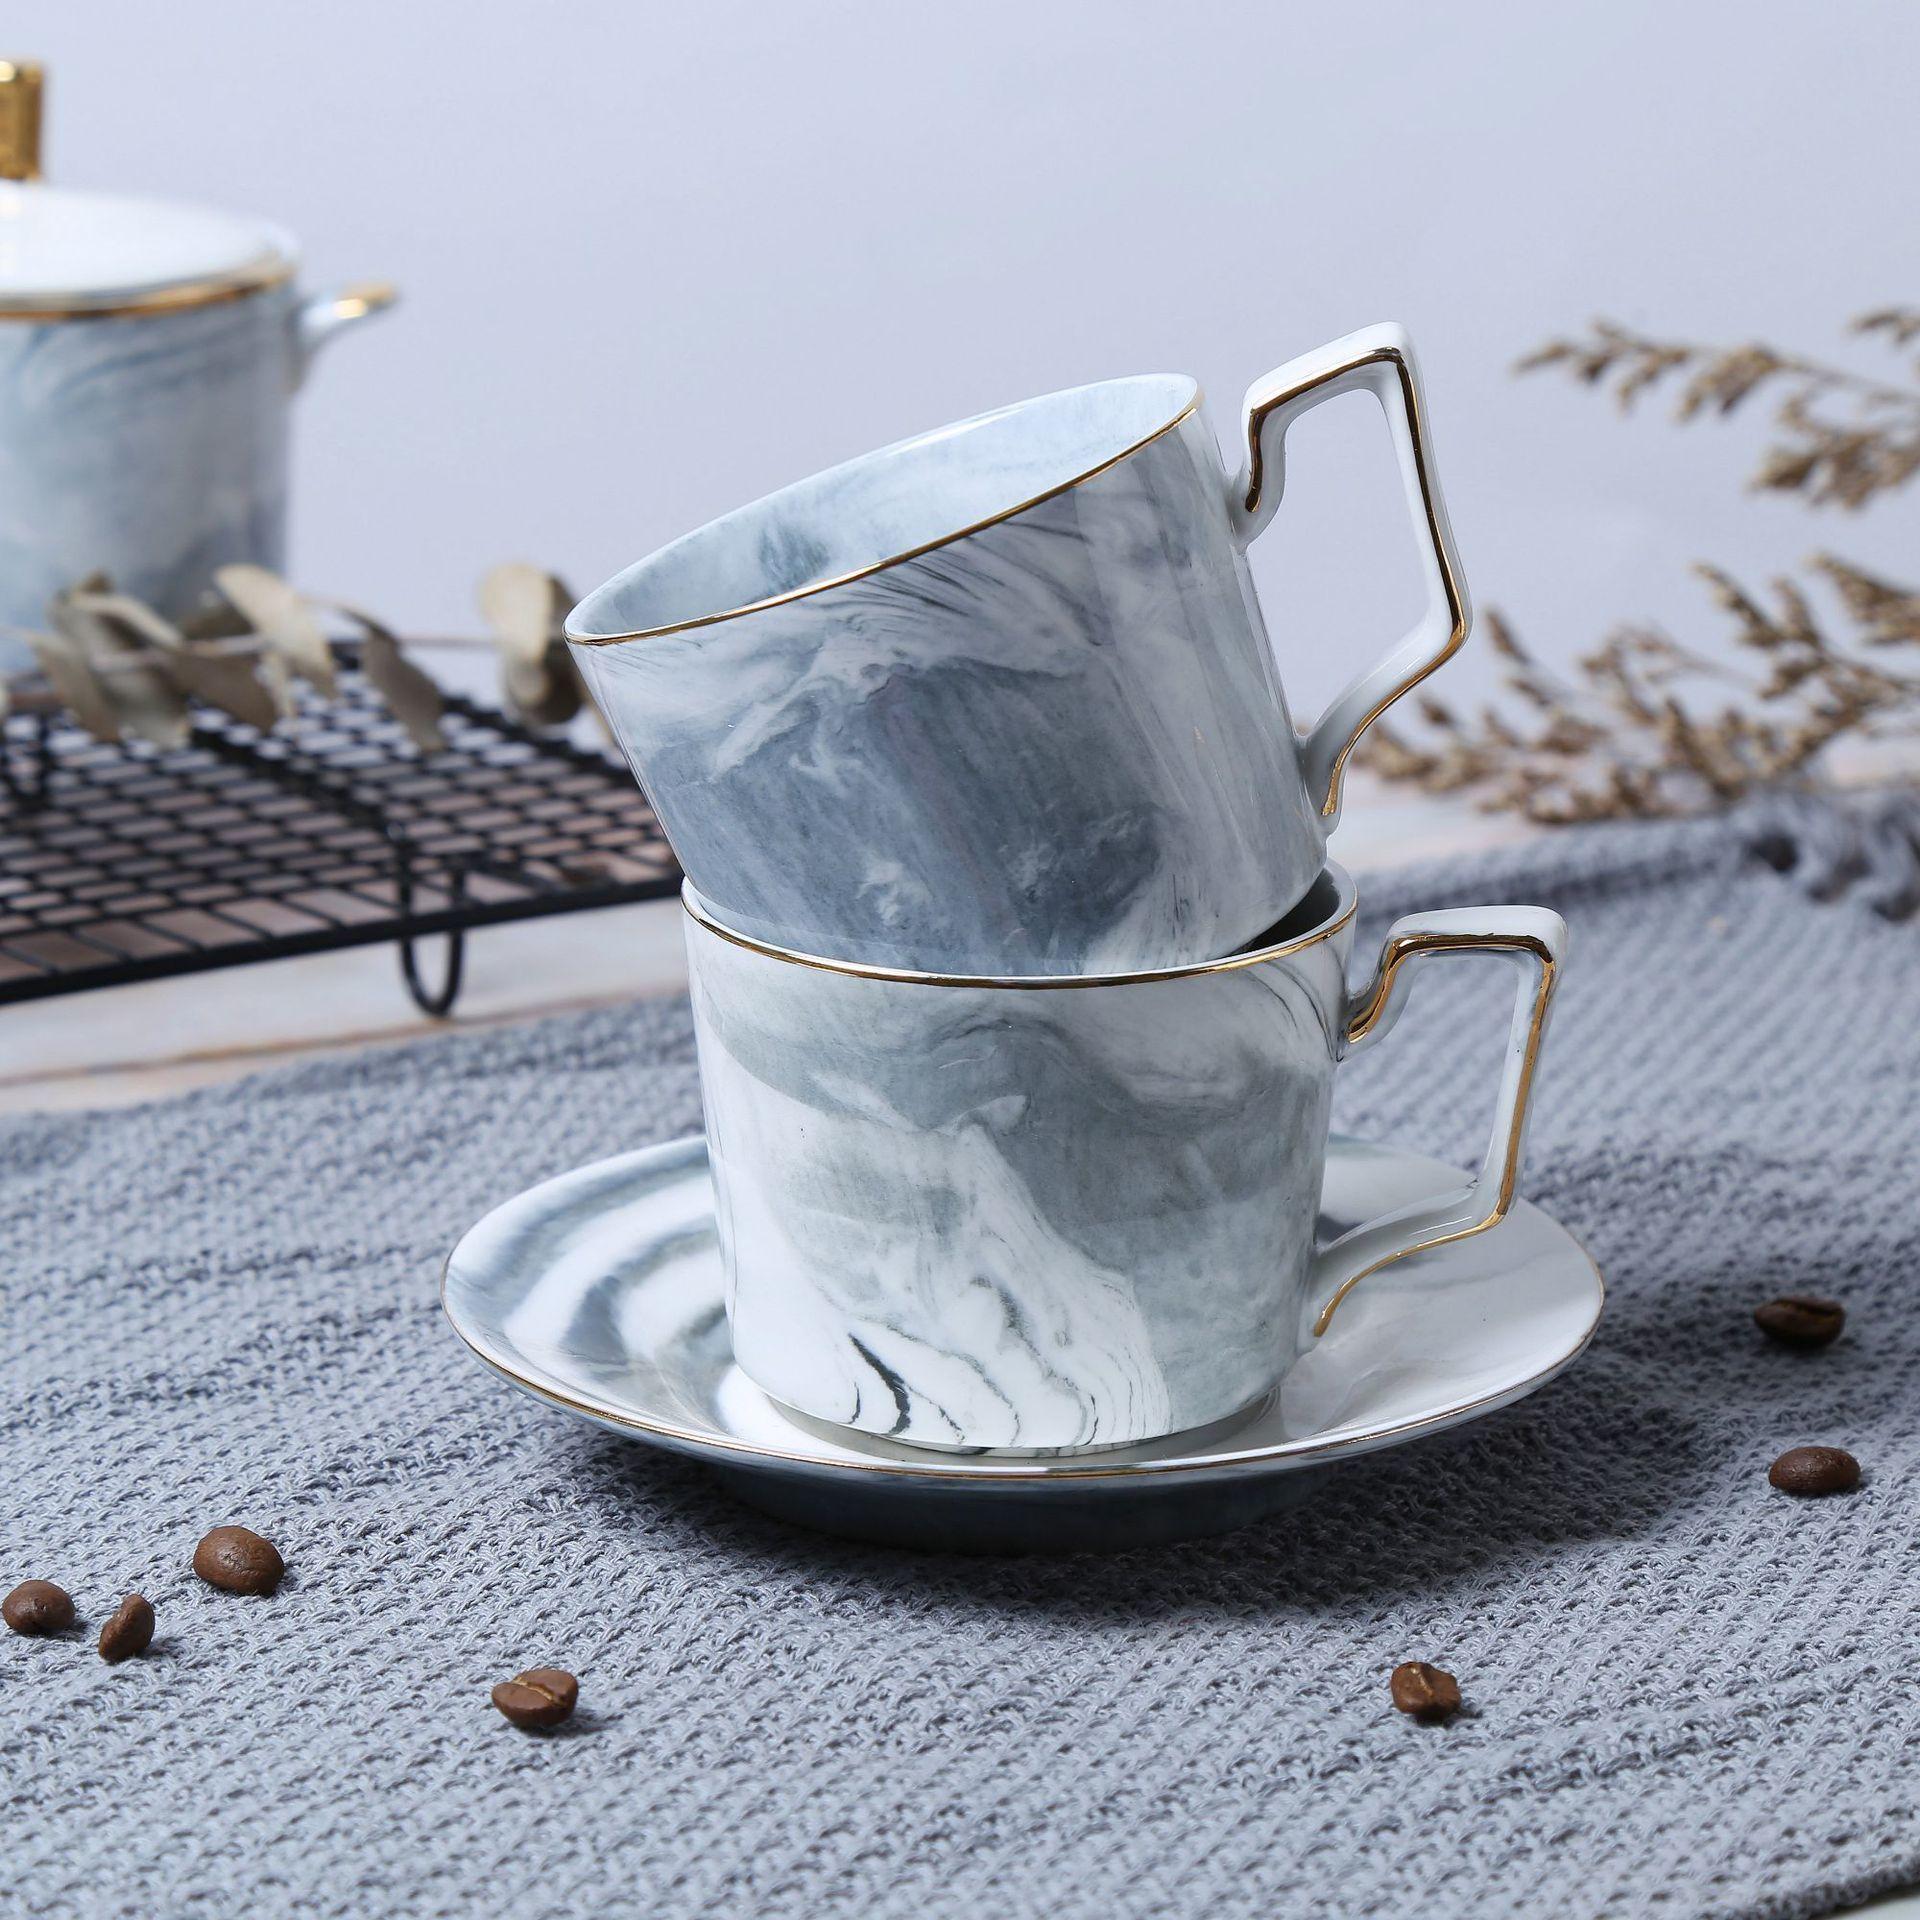 Утолщенная кофейная коробка для сброса эспрессо анти всплеск Рекс ABS большая емкость глубокая Чаша Дизайн мусорное ведро для бариста аксес... - 4